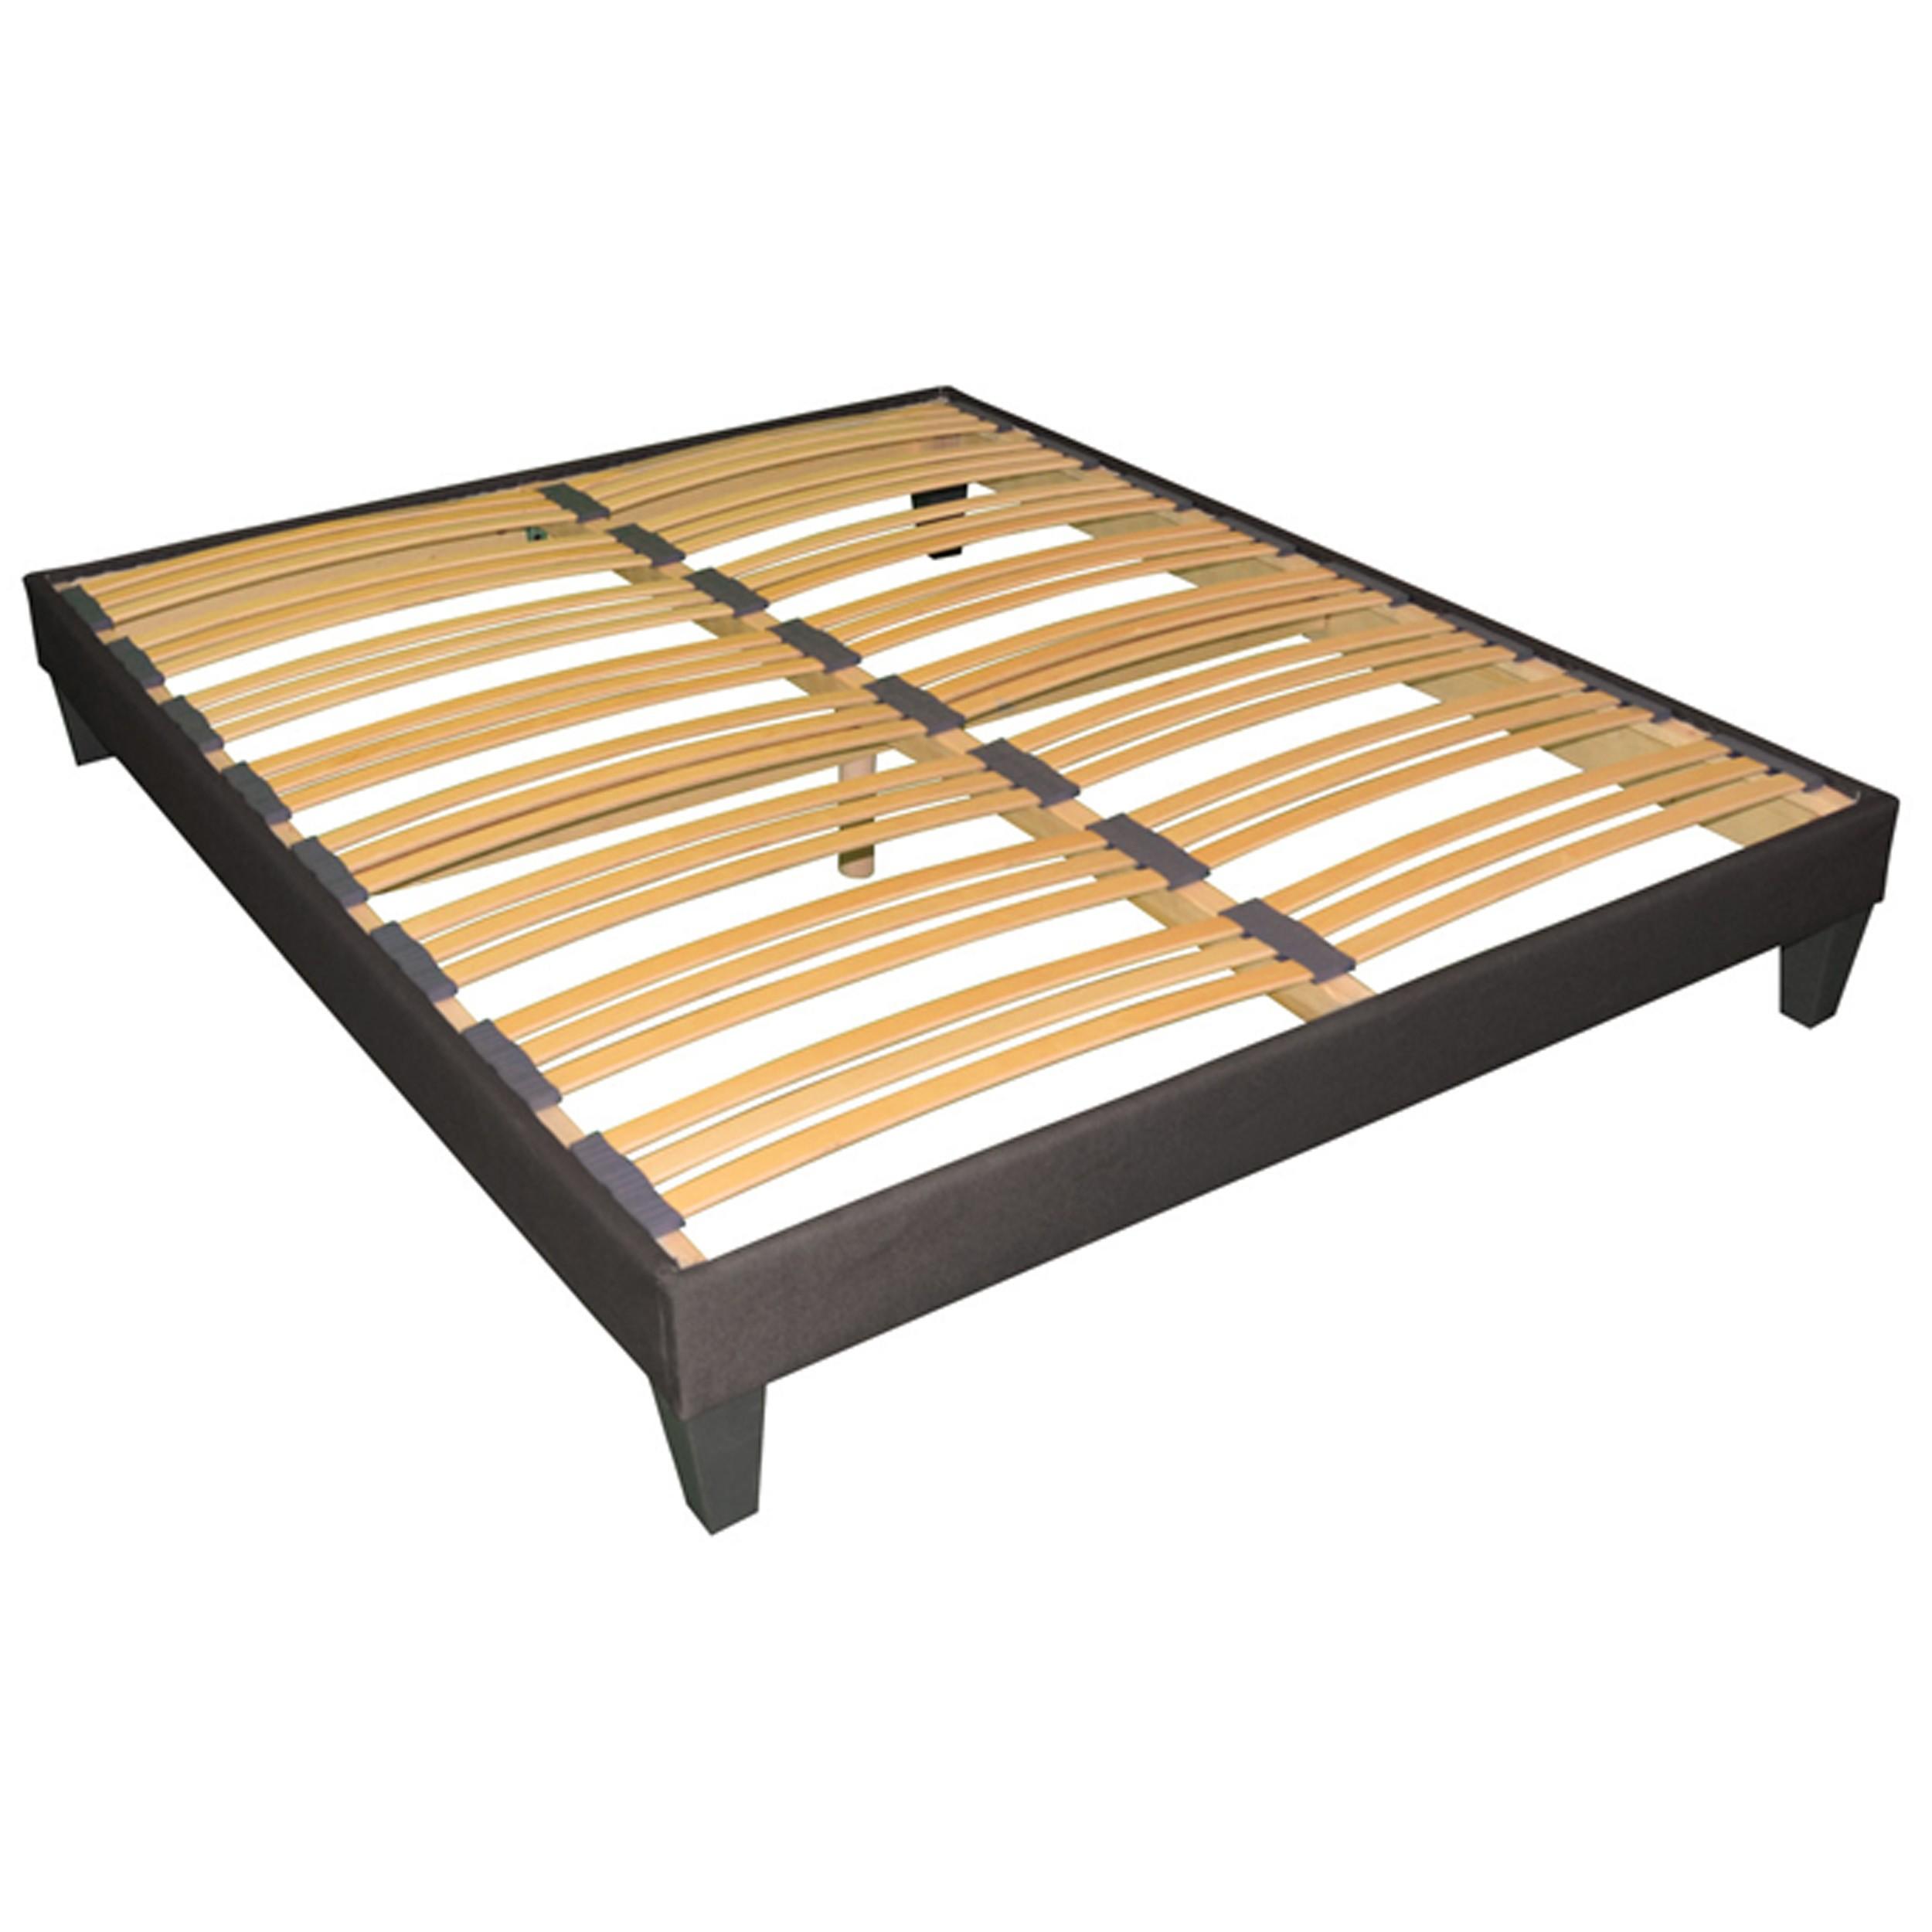 sommier 180x200 cm commandez nos sommiers 180x200 cm prix d 39 usine rendez vous d co. Black Bedroom Furniture Sets. Home Design Ideas